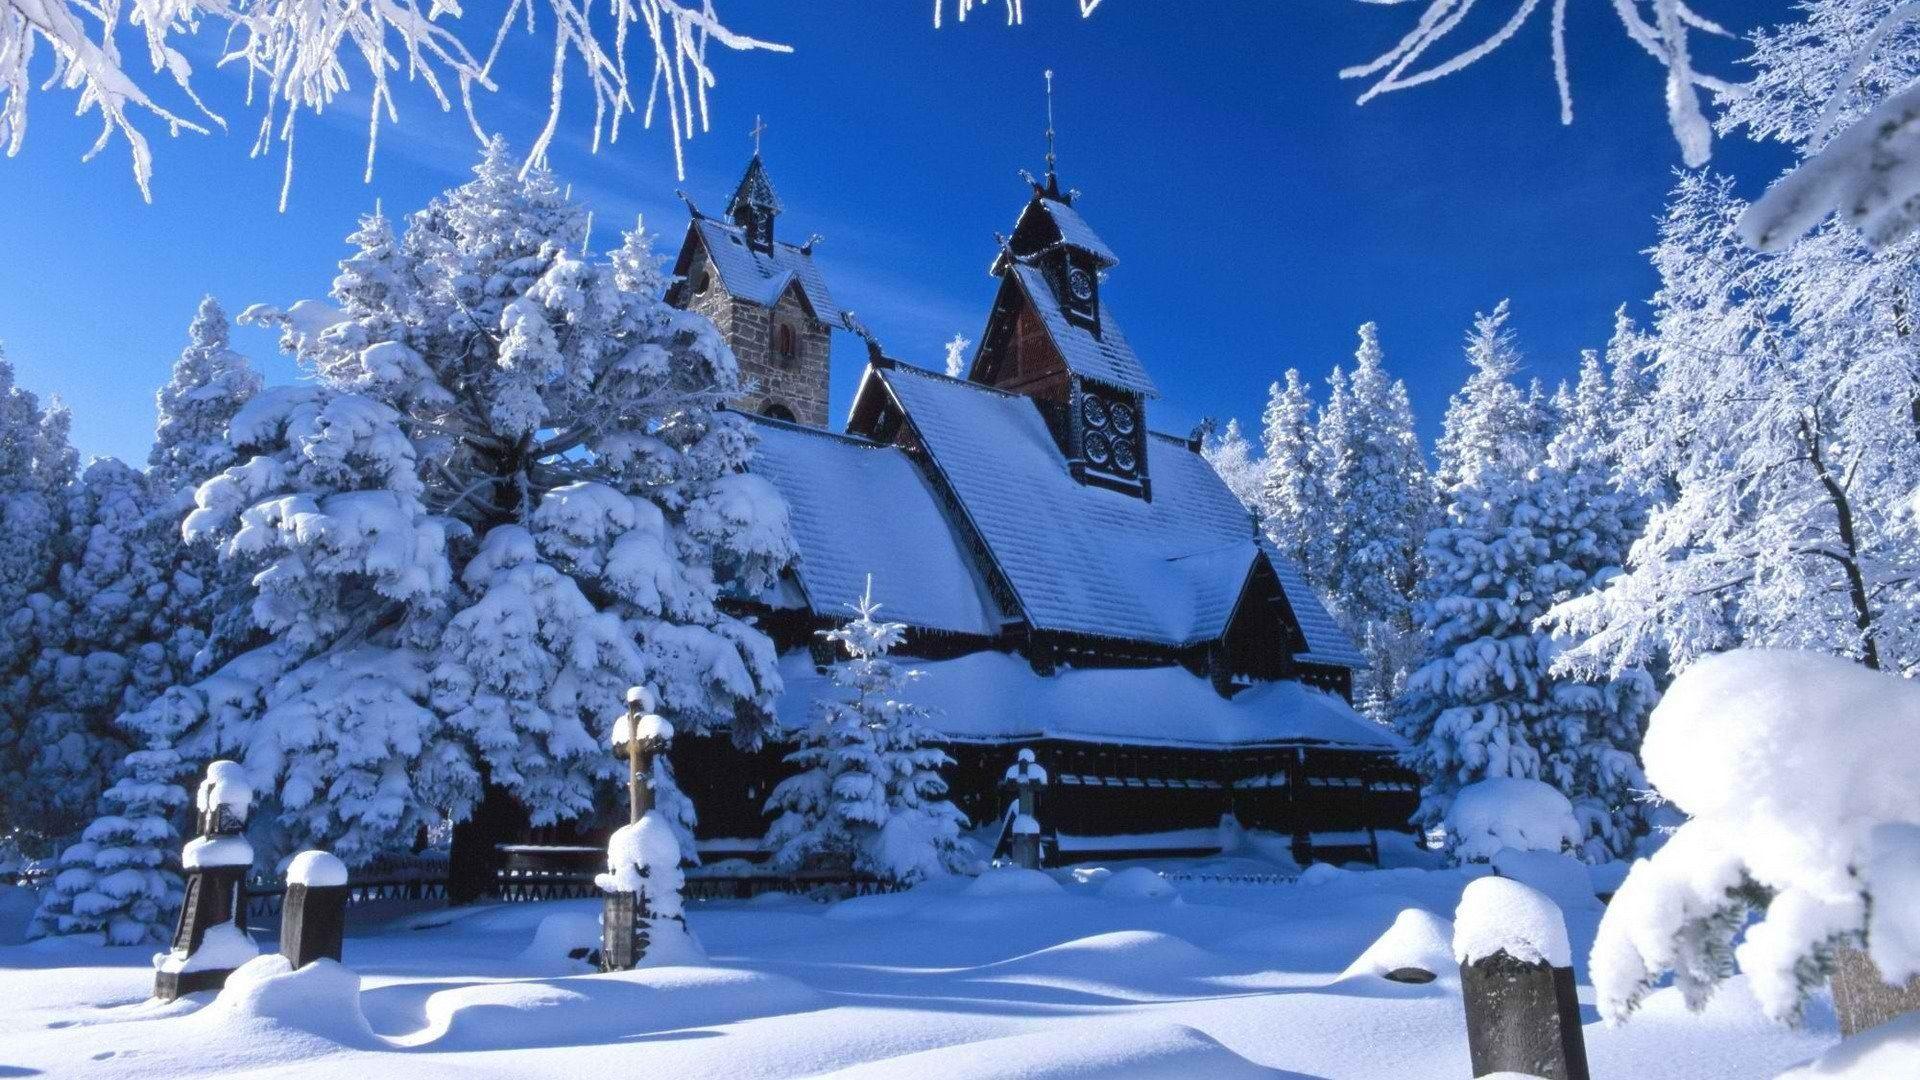 настоявшийся красивые зимние новогодние пейзажи фото и картинки курорт самым